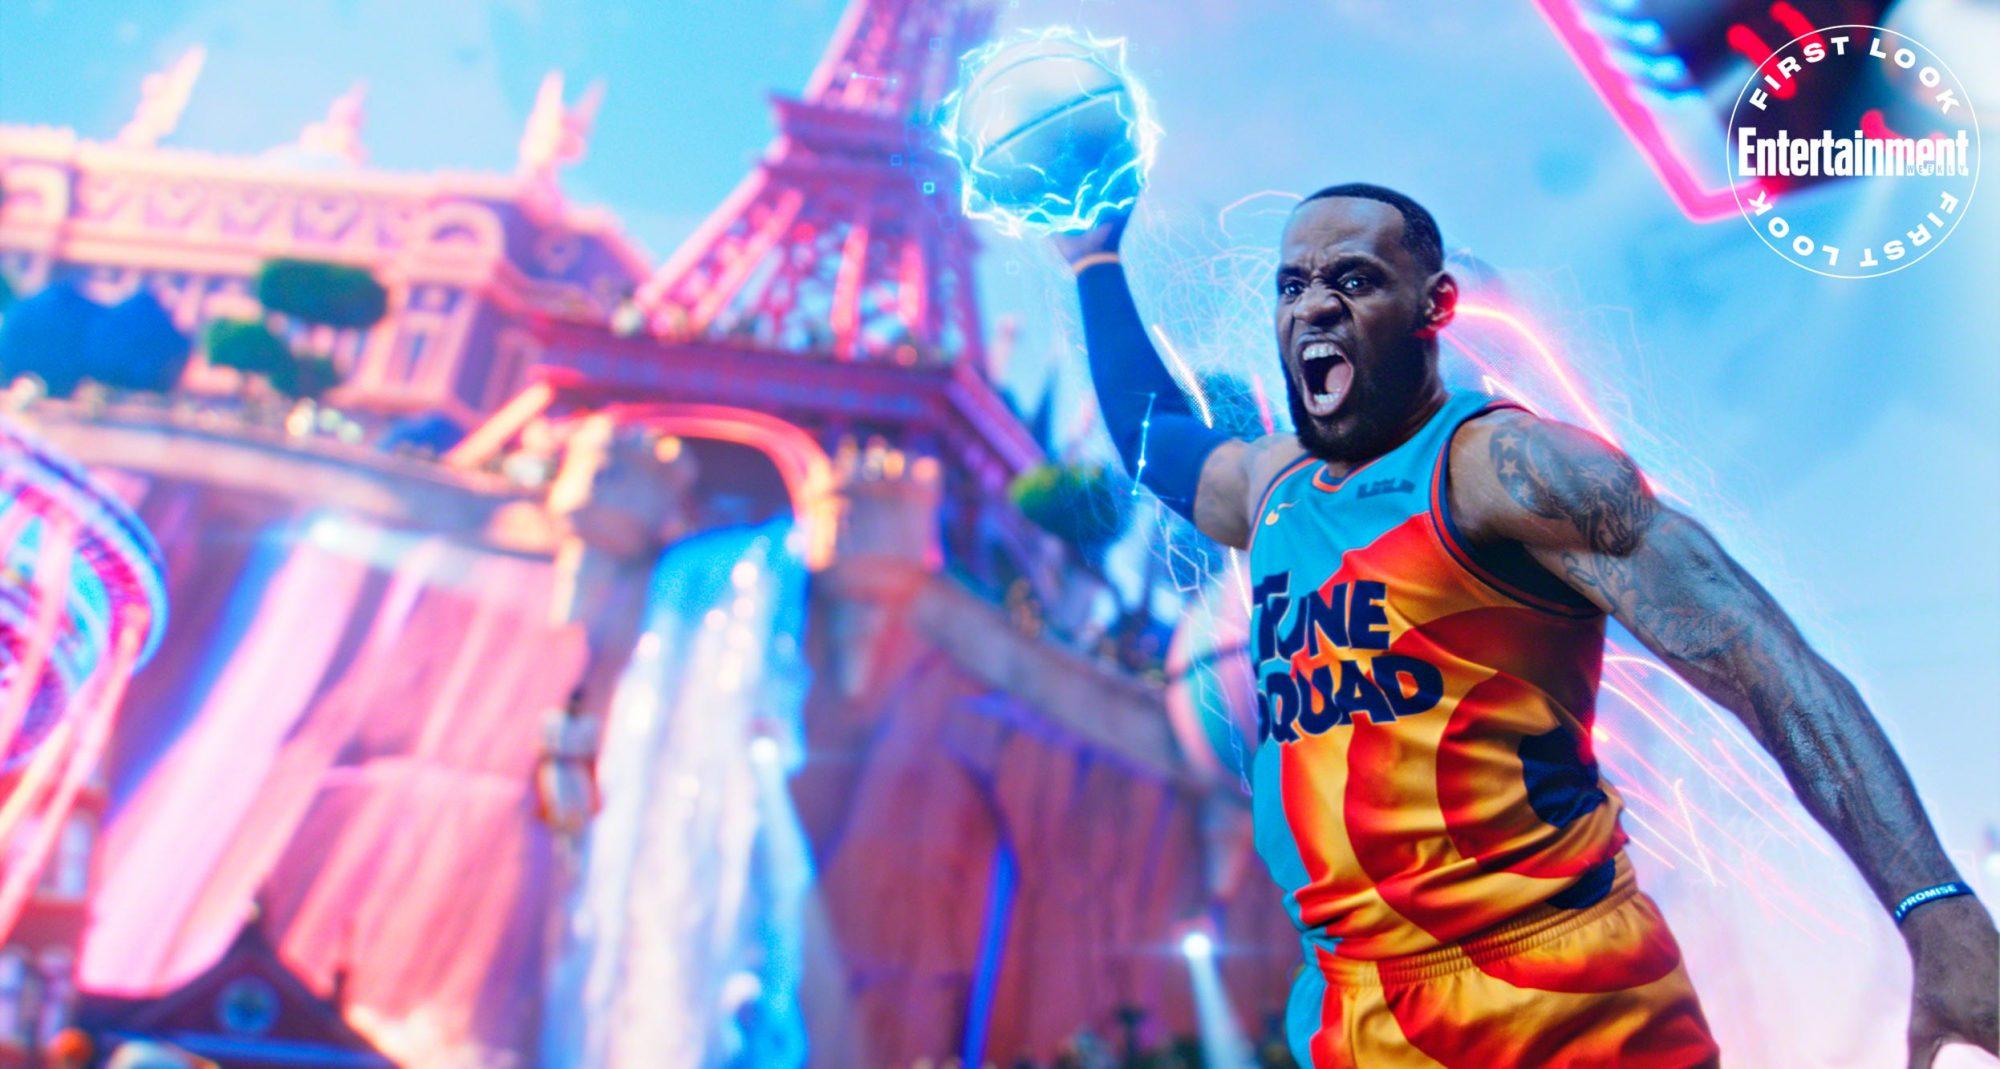 LeBron James en plein dunk surchargé - Space Jam - Nouvelle Ère (2021) -  Images du film